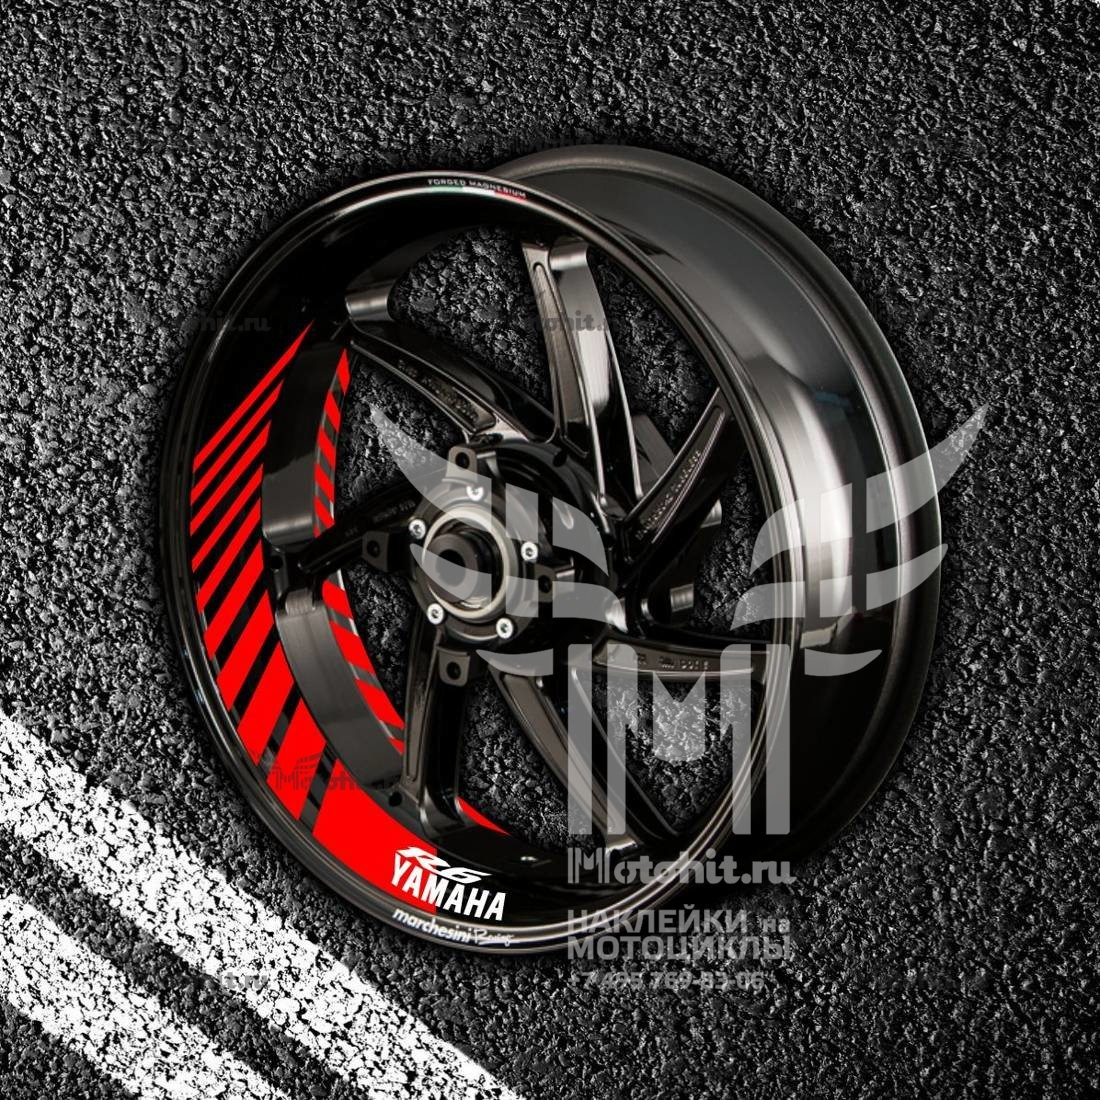 Комплект наклеек с полосами на колеса мотоцикла YAMAHA R6